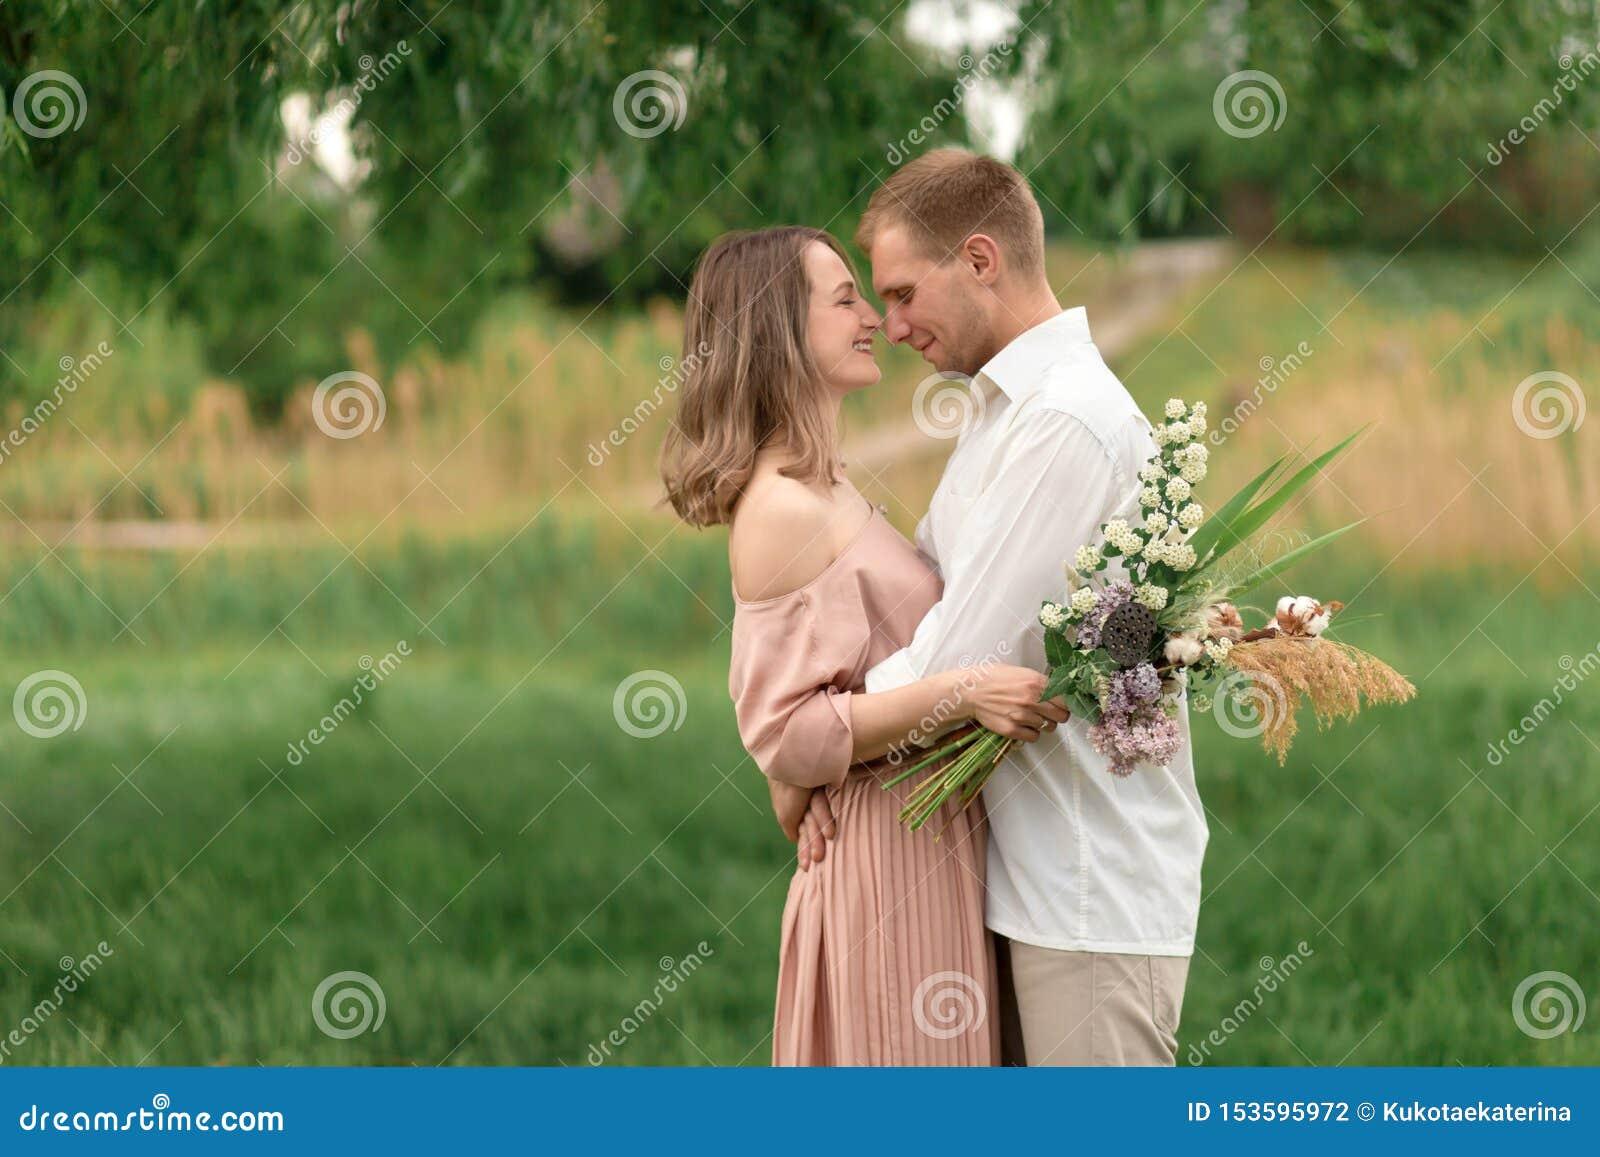 Młody kochający pary przytulenie, taniec na zielonej trawie na gazonie i Piękny i szczęśliwy dotyk kobiety i mężczyzny delikatnie